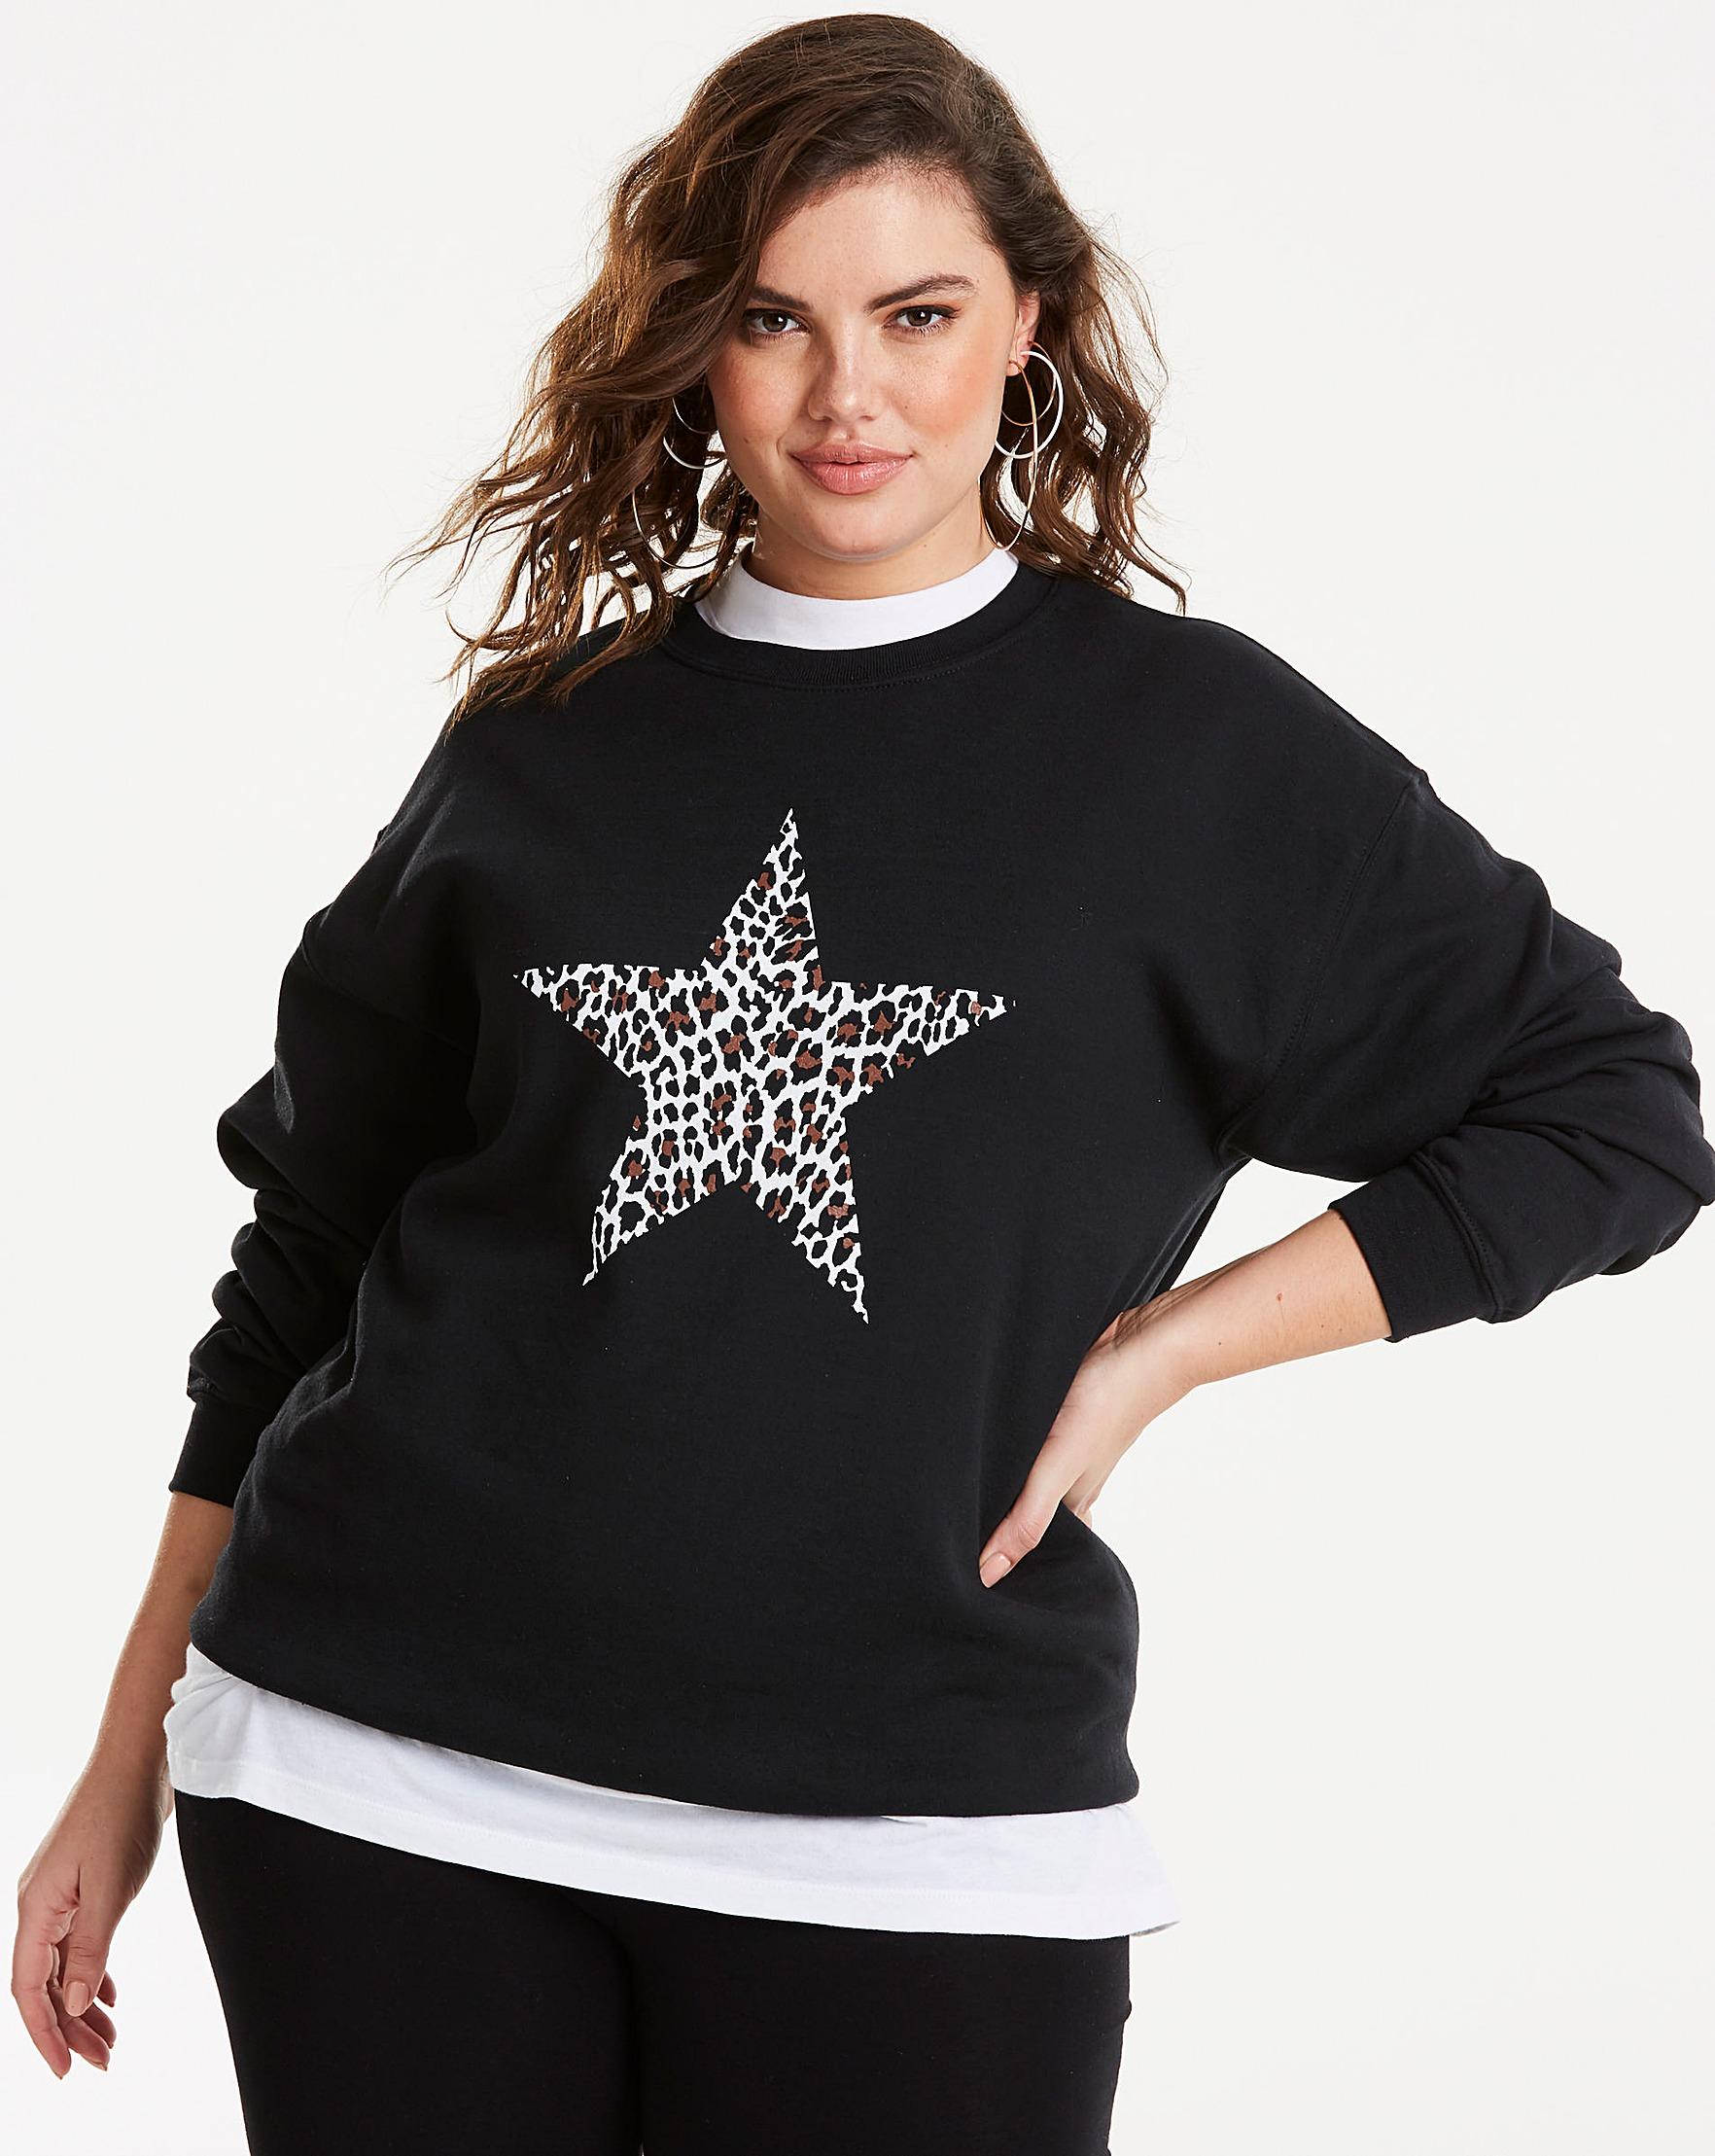 c2793477d26 Leopard Print Star Sweatshirt